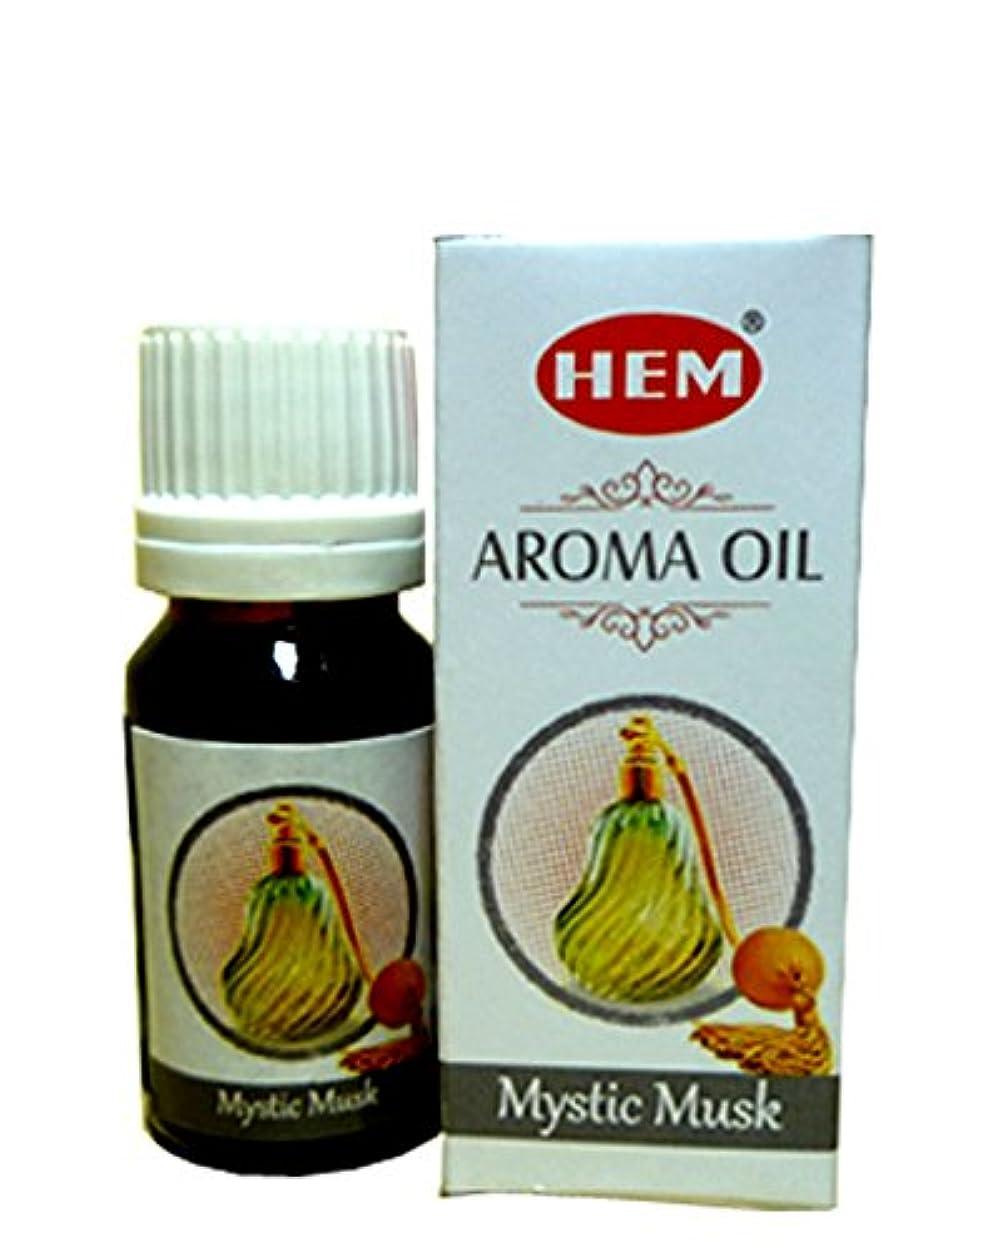 潮人柄認証HEMのアロマオイル HEM AROMA OIL 10ml ミスティック ムスク MYSTIC MUSK